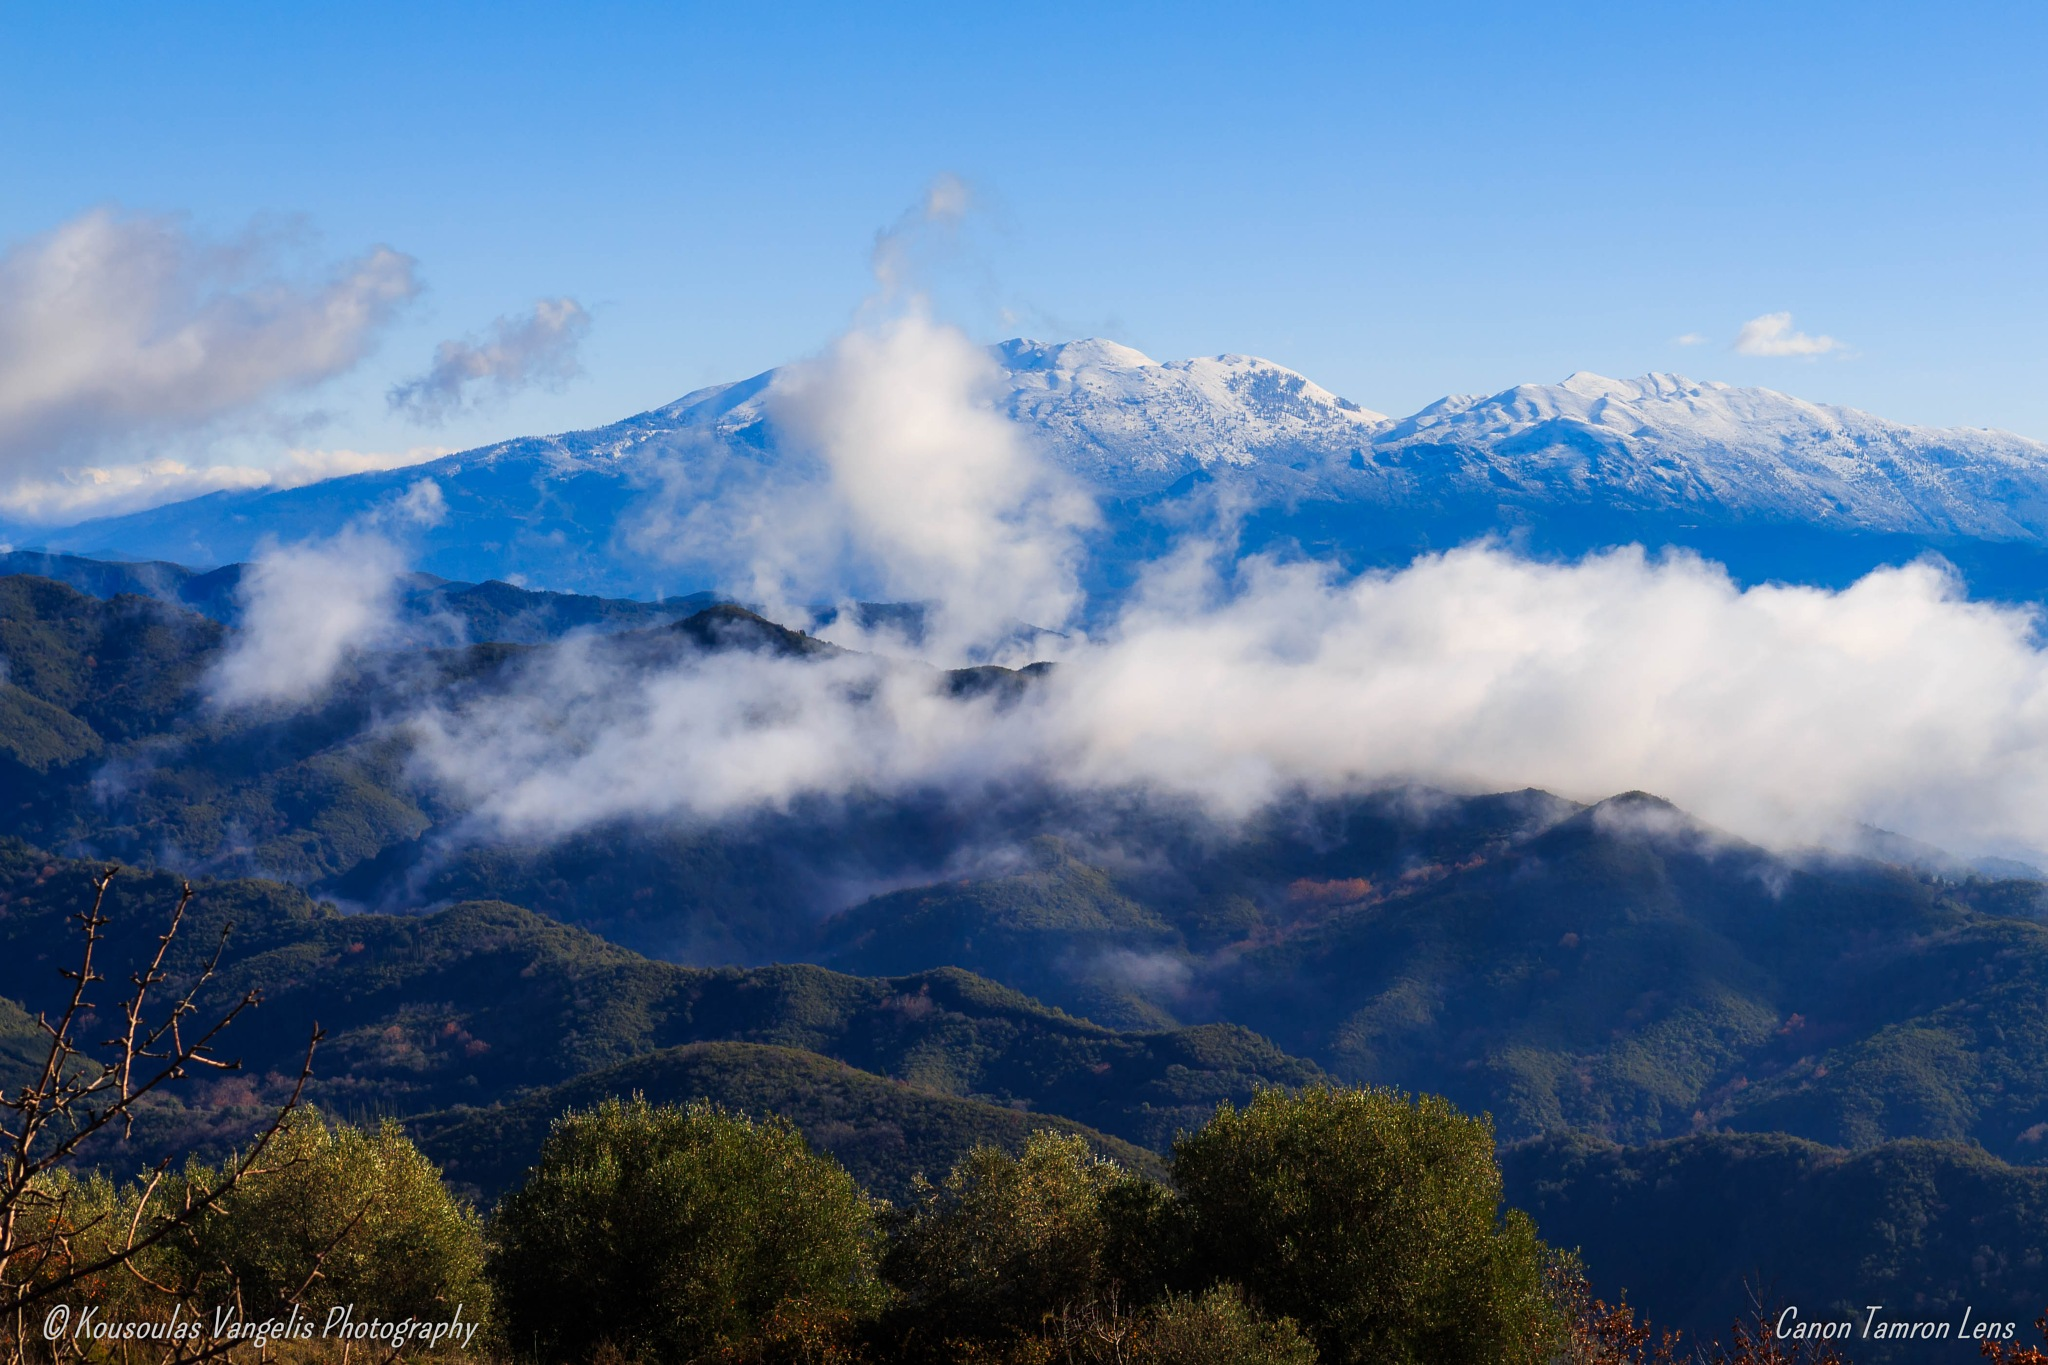 Fog landscape by kousoulas vangelis